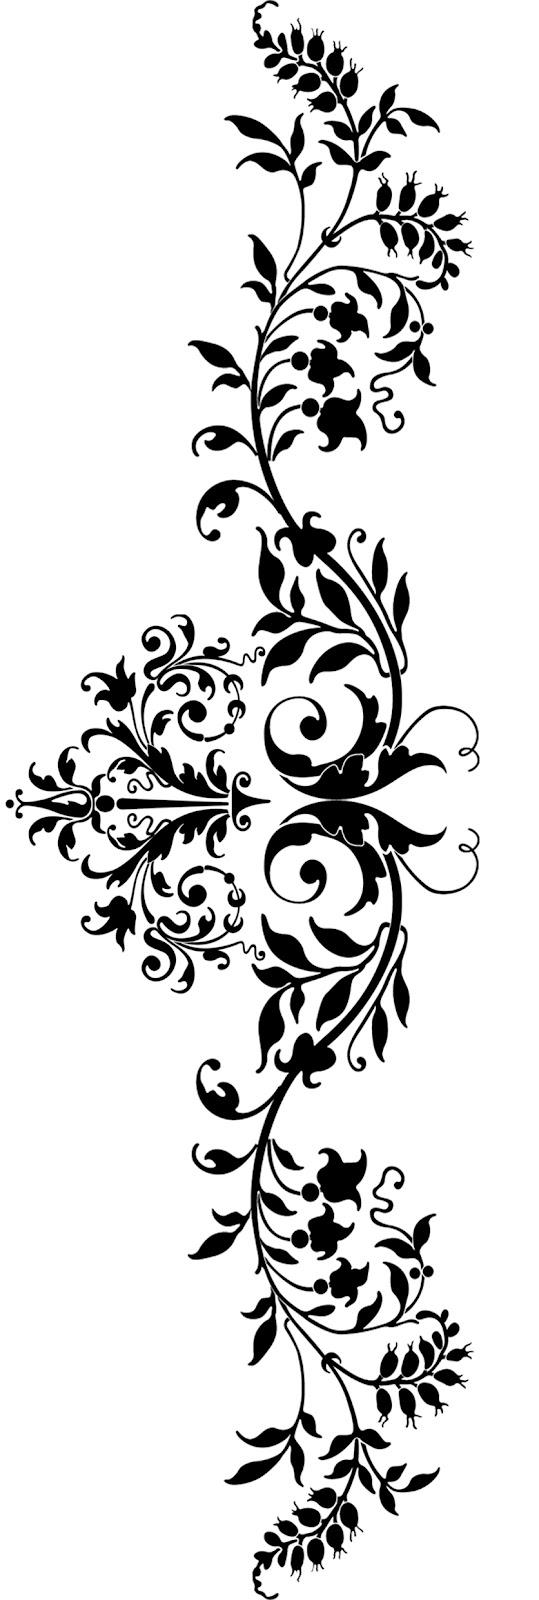 motif kembang hitam putih Penelusuran Google Yang